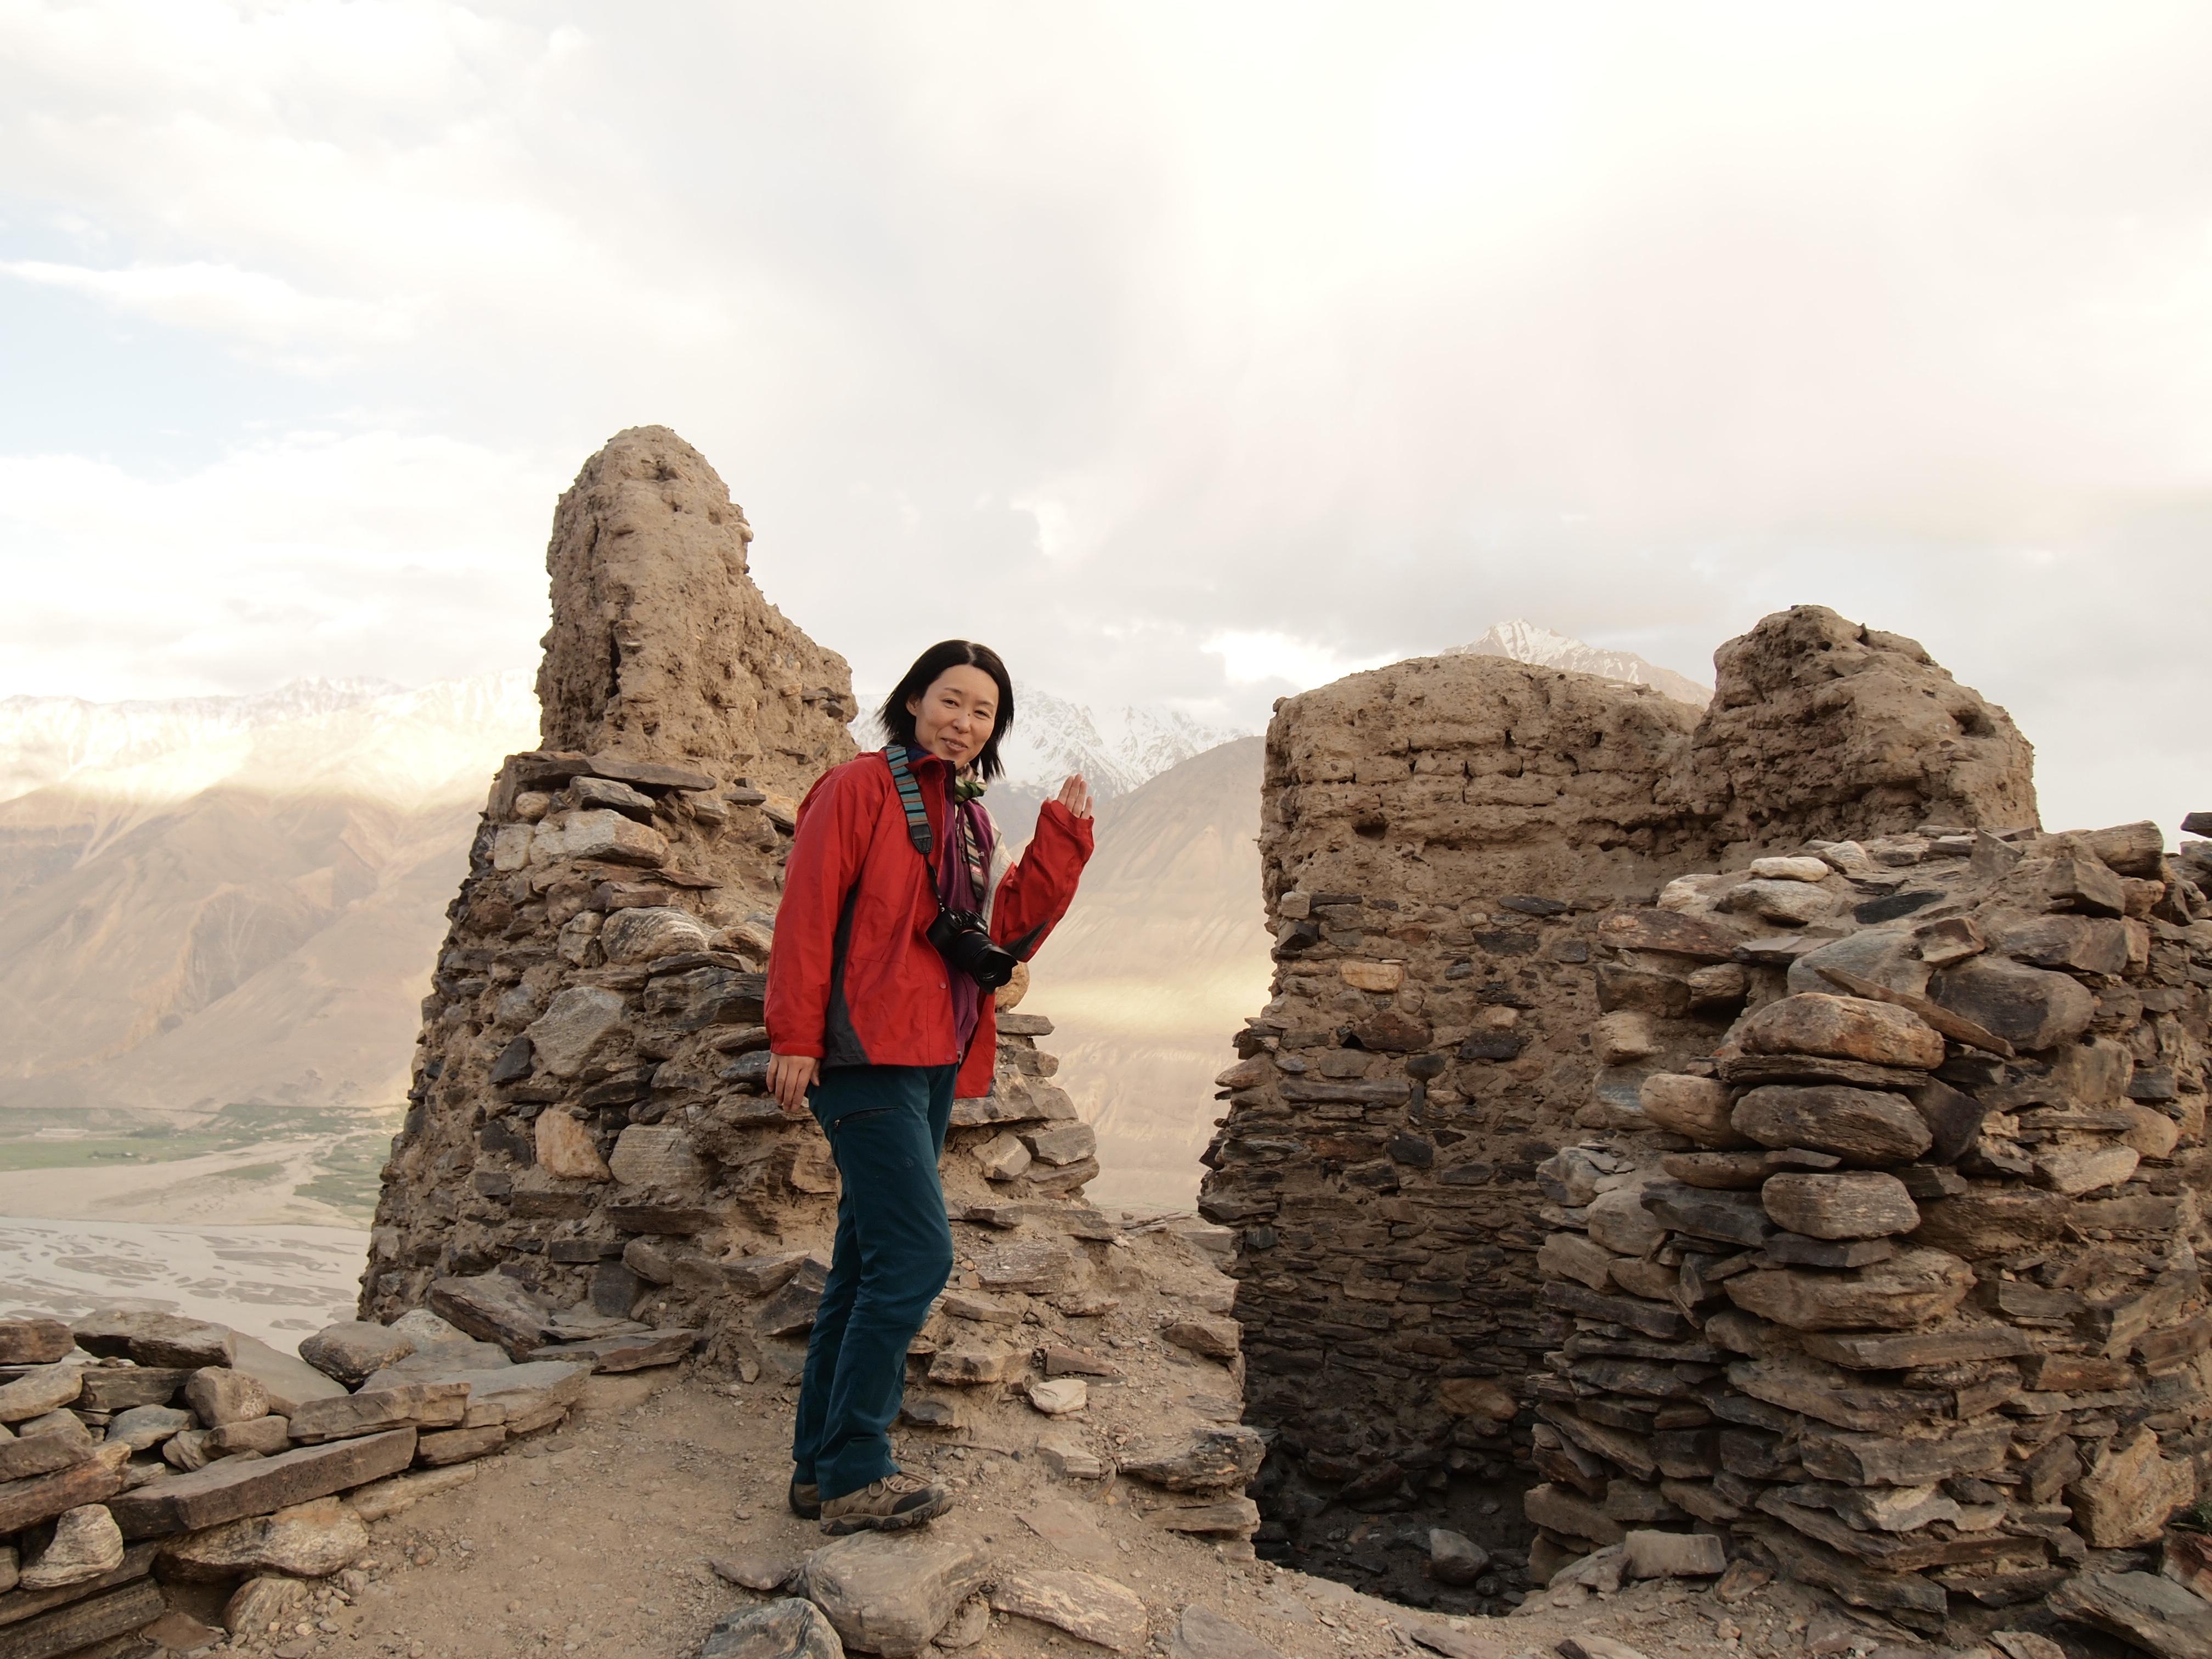 オシュ 安宿 居心地 世界一周 旅 ブログ キルギス パン ヨーグルト